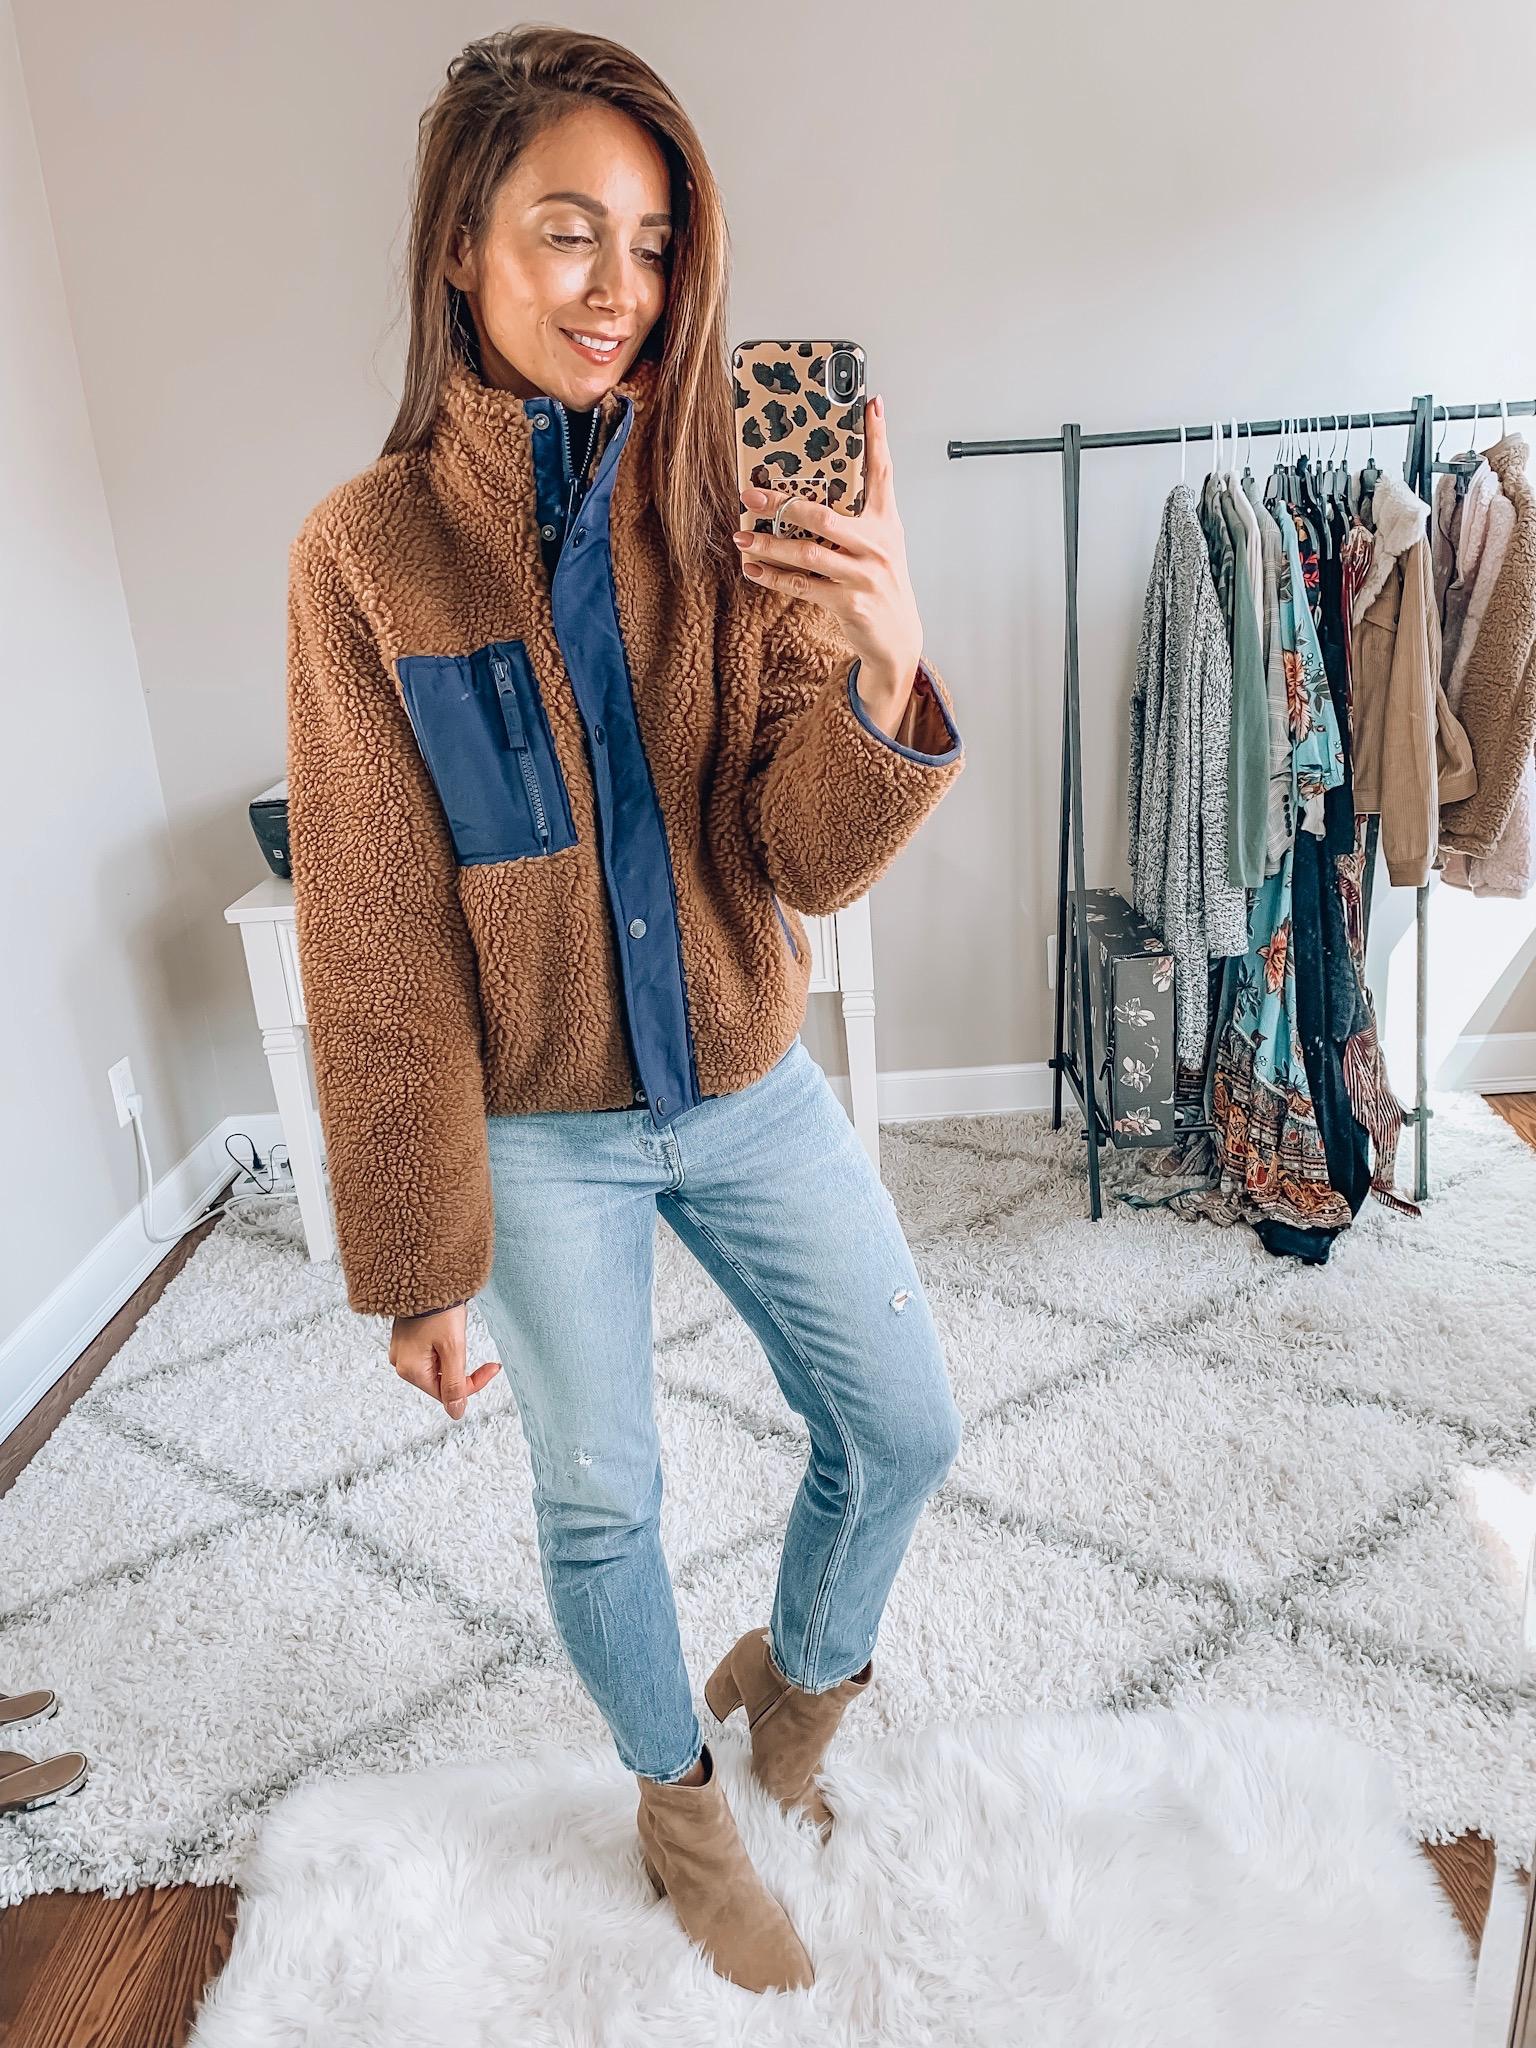 Sherpa jacket, jeans